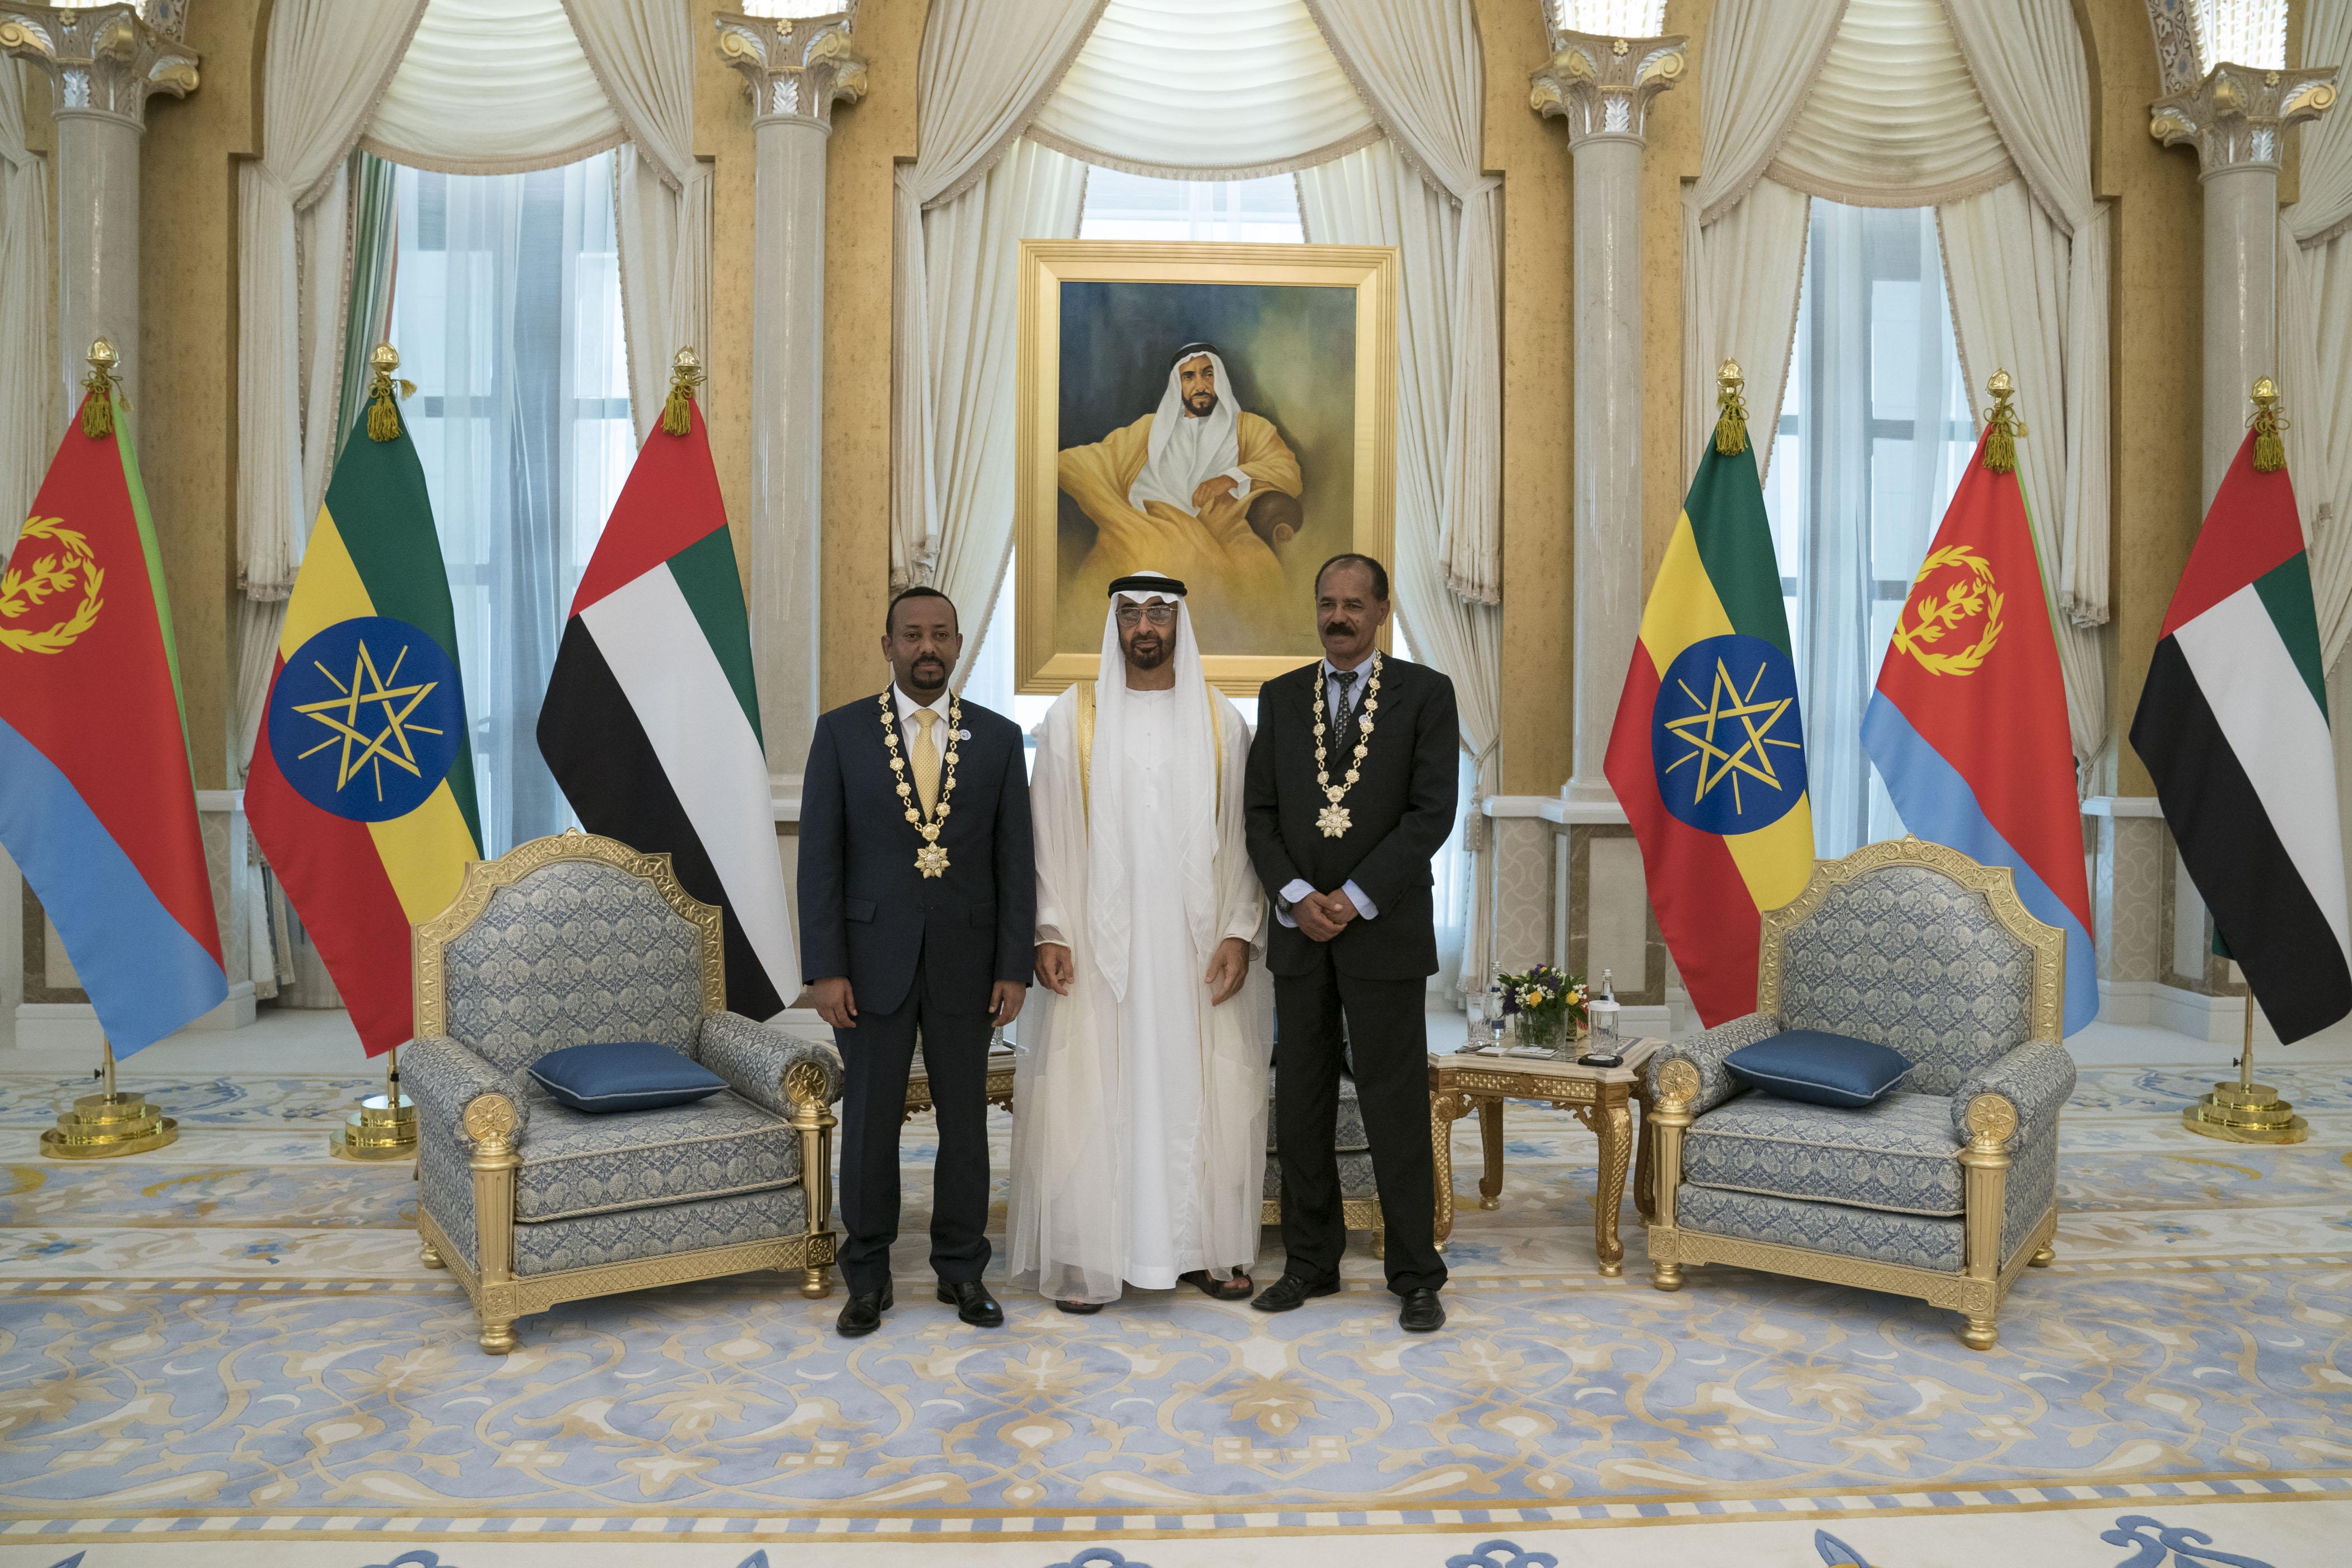 """رئيس الدولة يمنح رئيس إريتريا ورئيس وزراء أثيوبيا """" وسام زايد """" تقديراً لجهودهما في إطلاق مسيرة السلام بين بلديهما 4"""